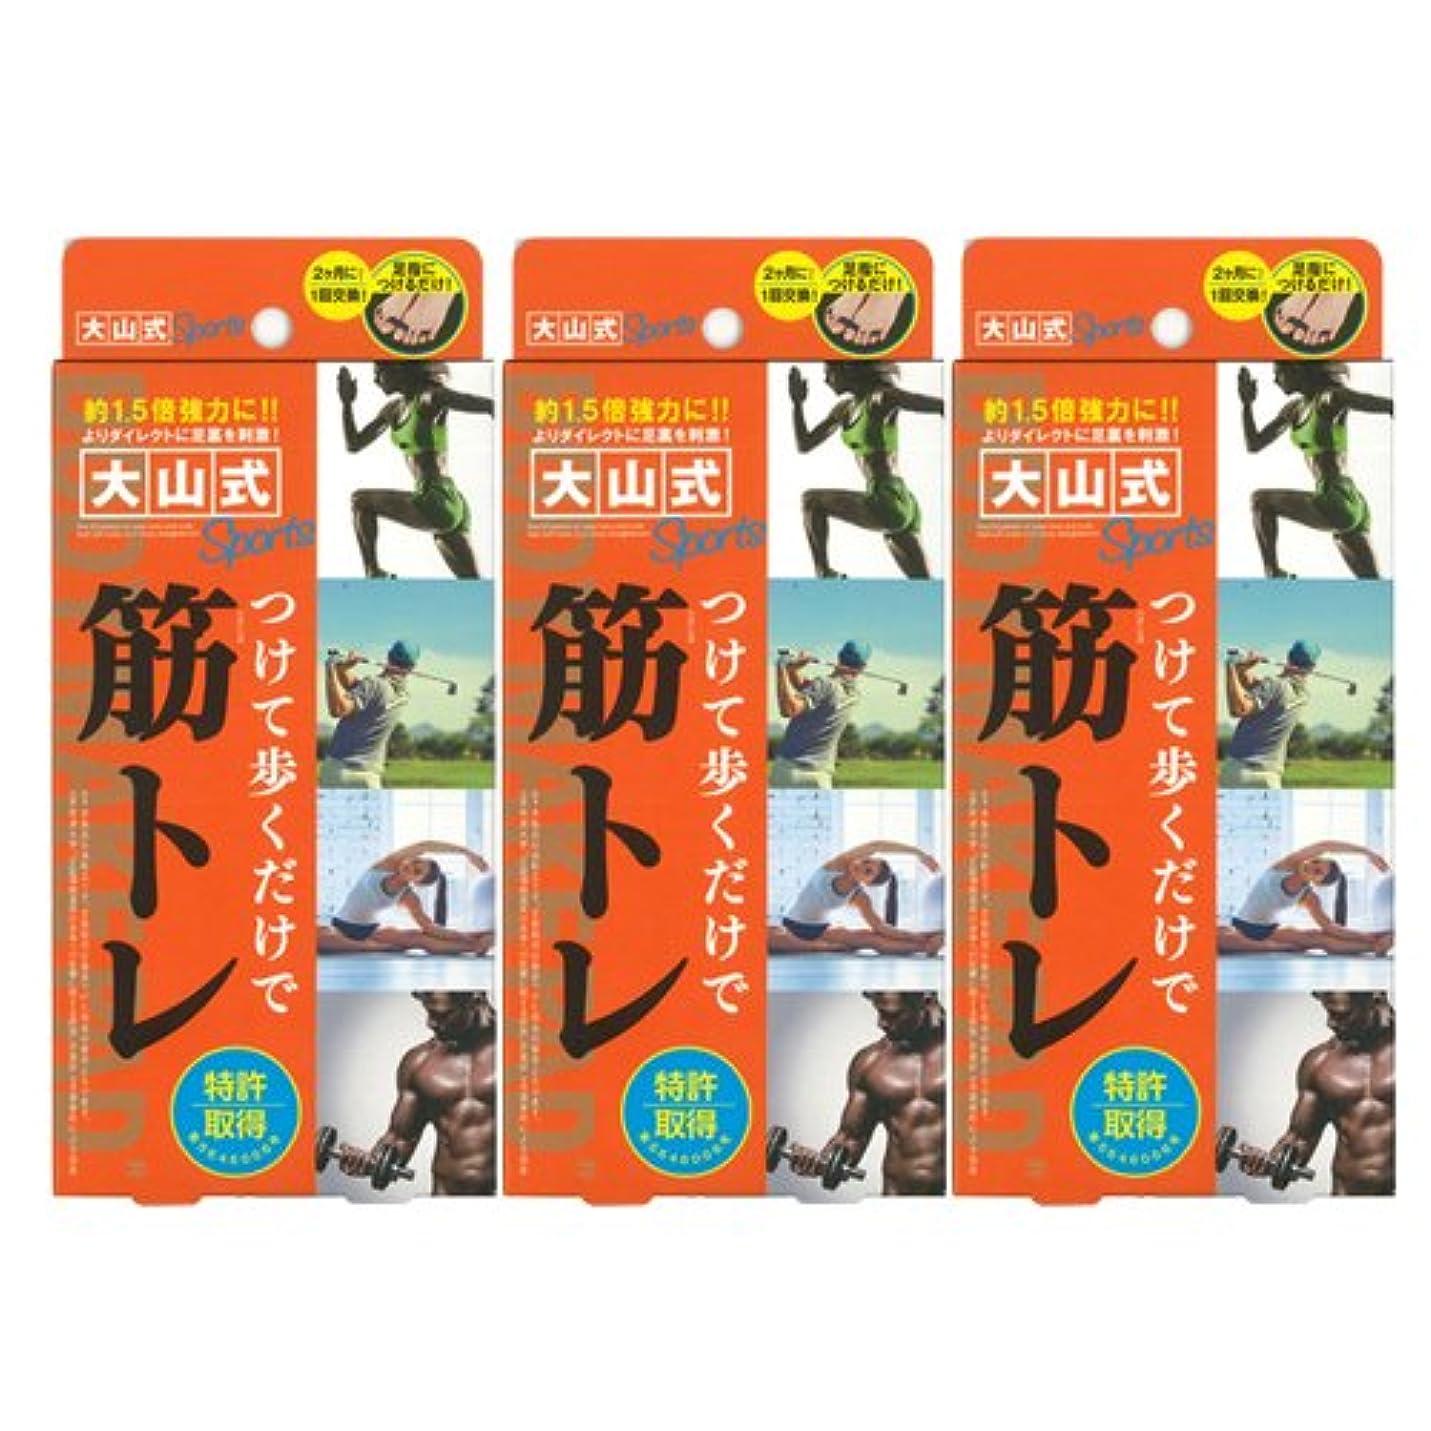 松の木より良いクスクス大山式ボディメイクパッド スポーツ ×3箱セット